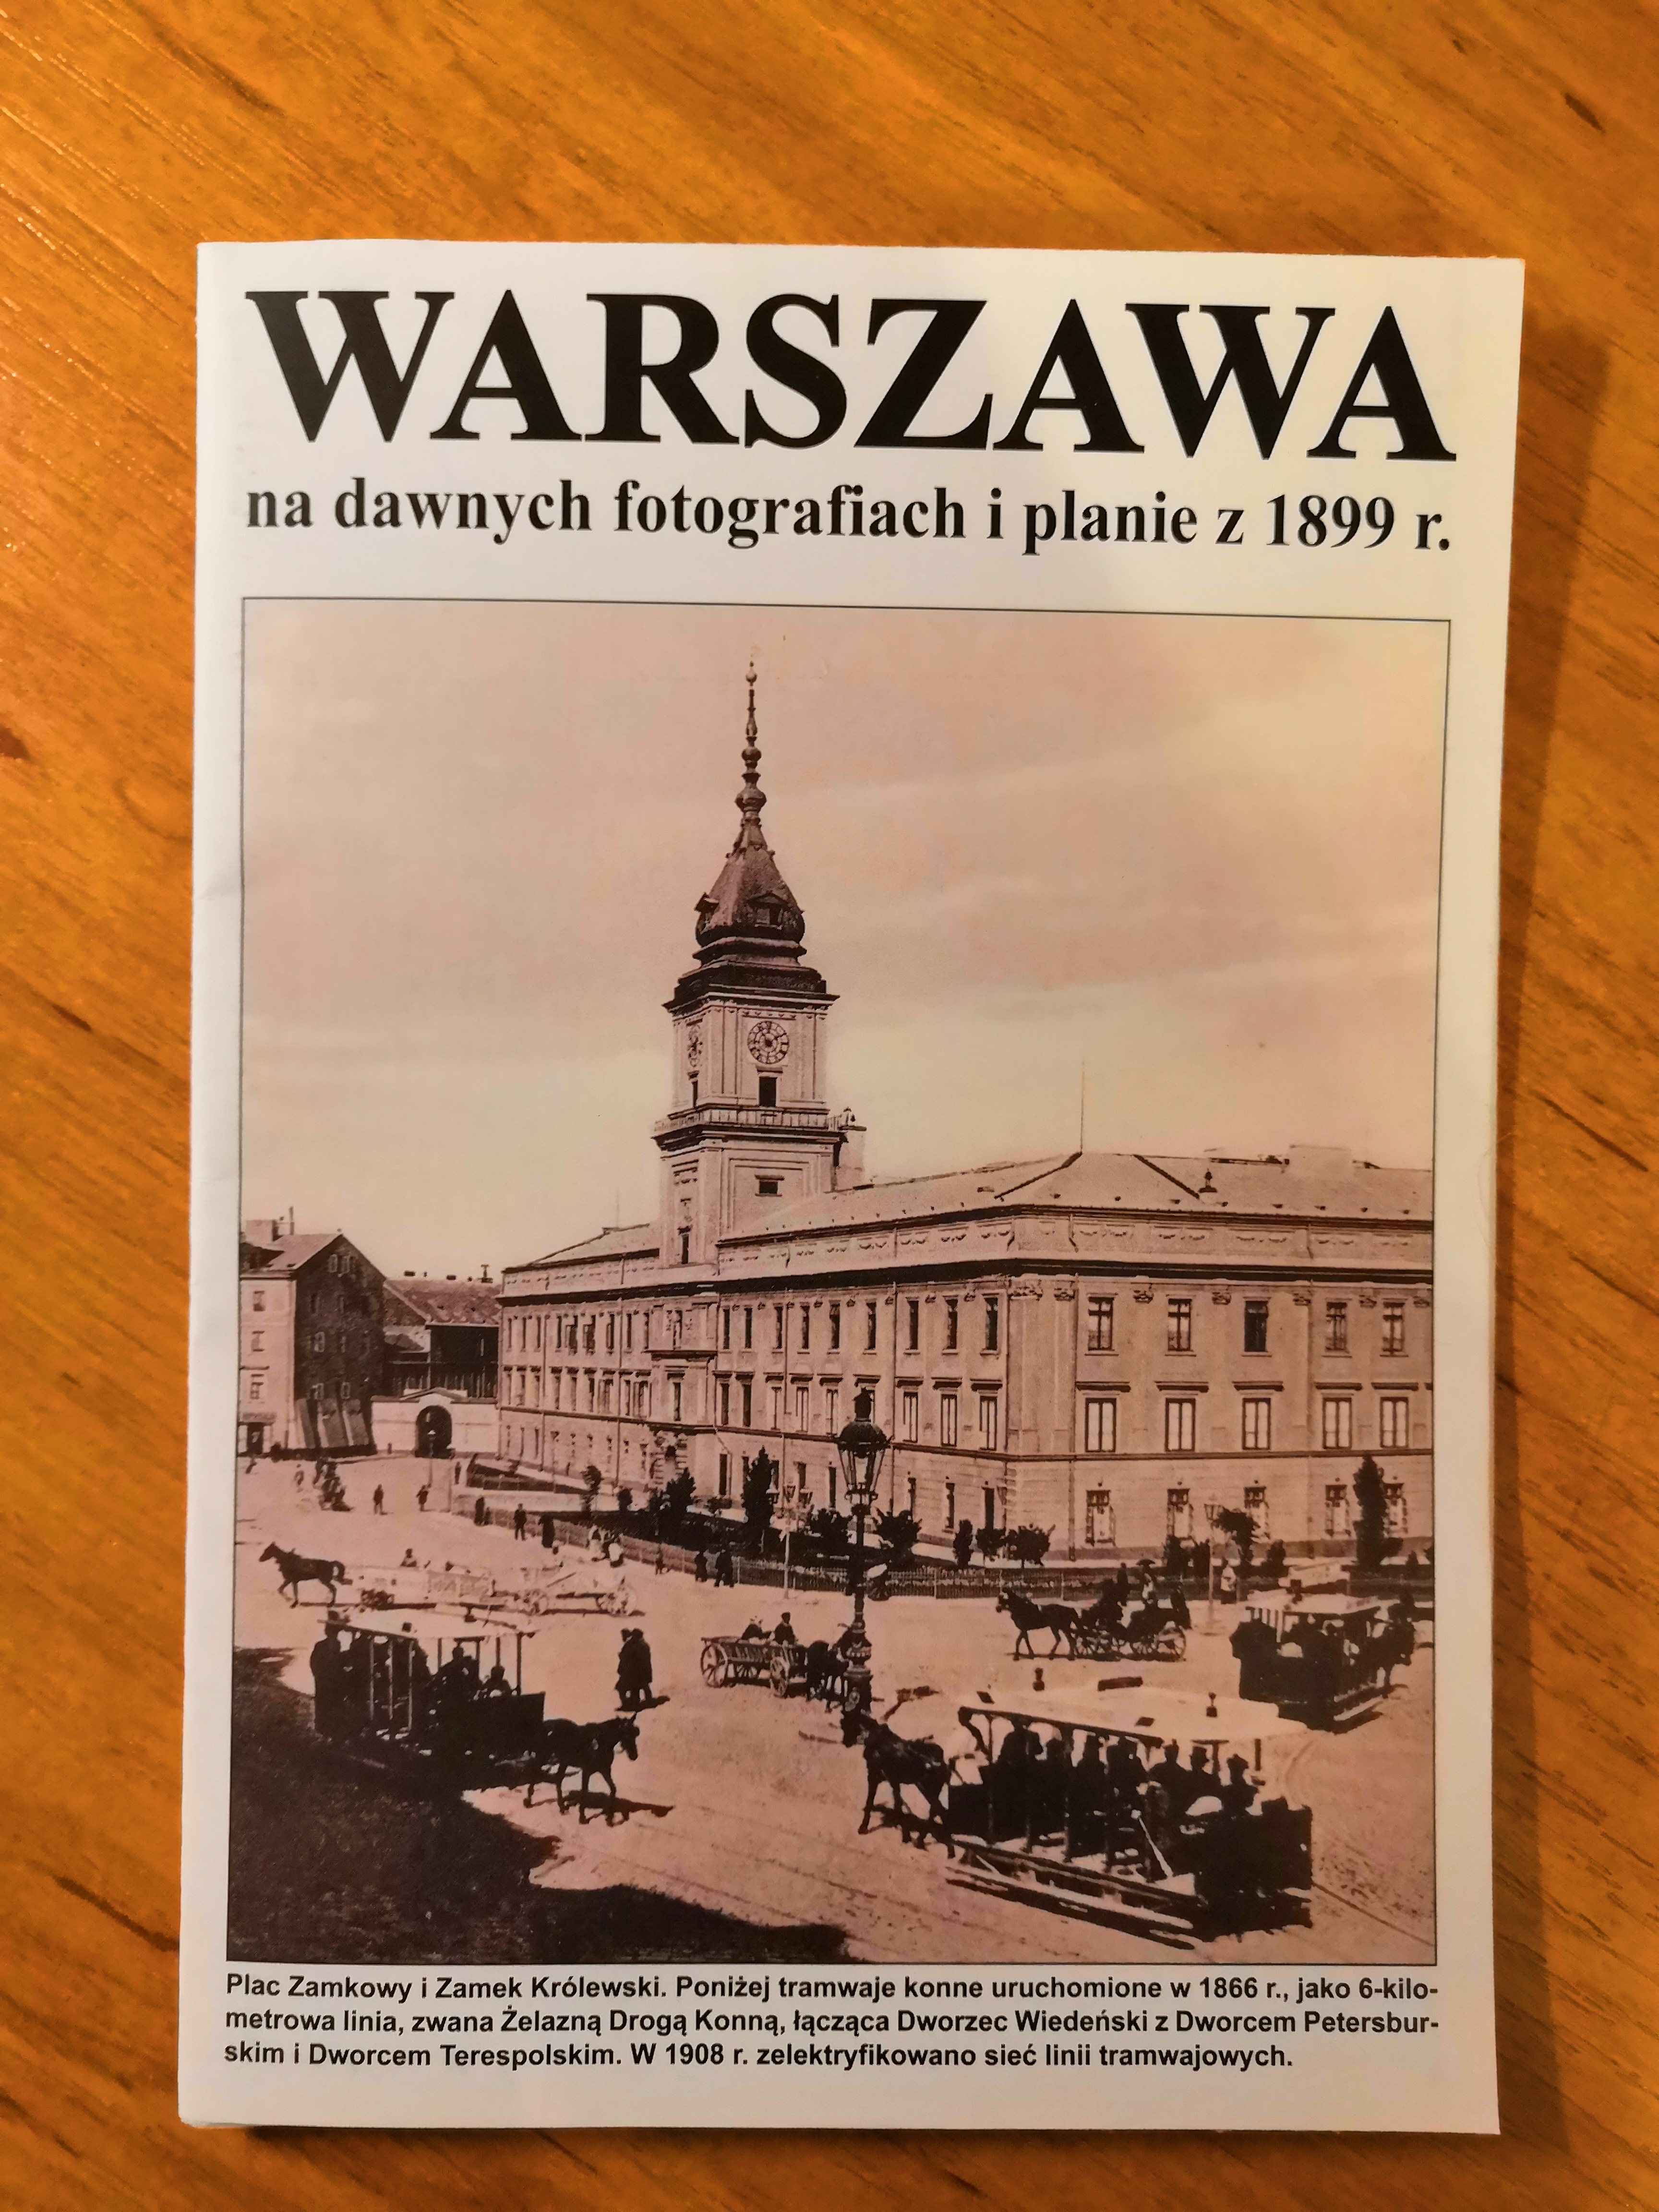 Warszawa na dawnych fotografiach i planie z 1899 r. (J.A.Krawczyk)